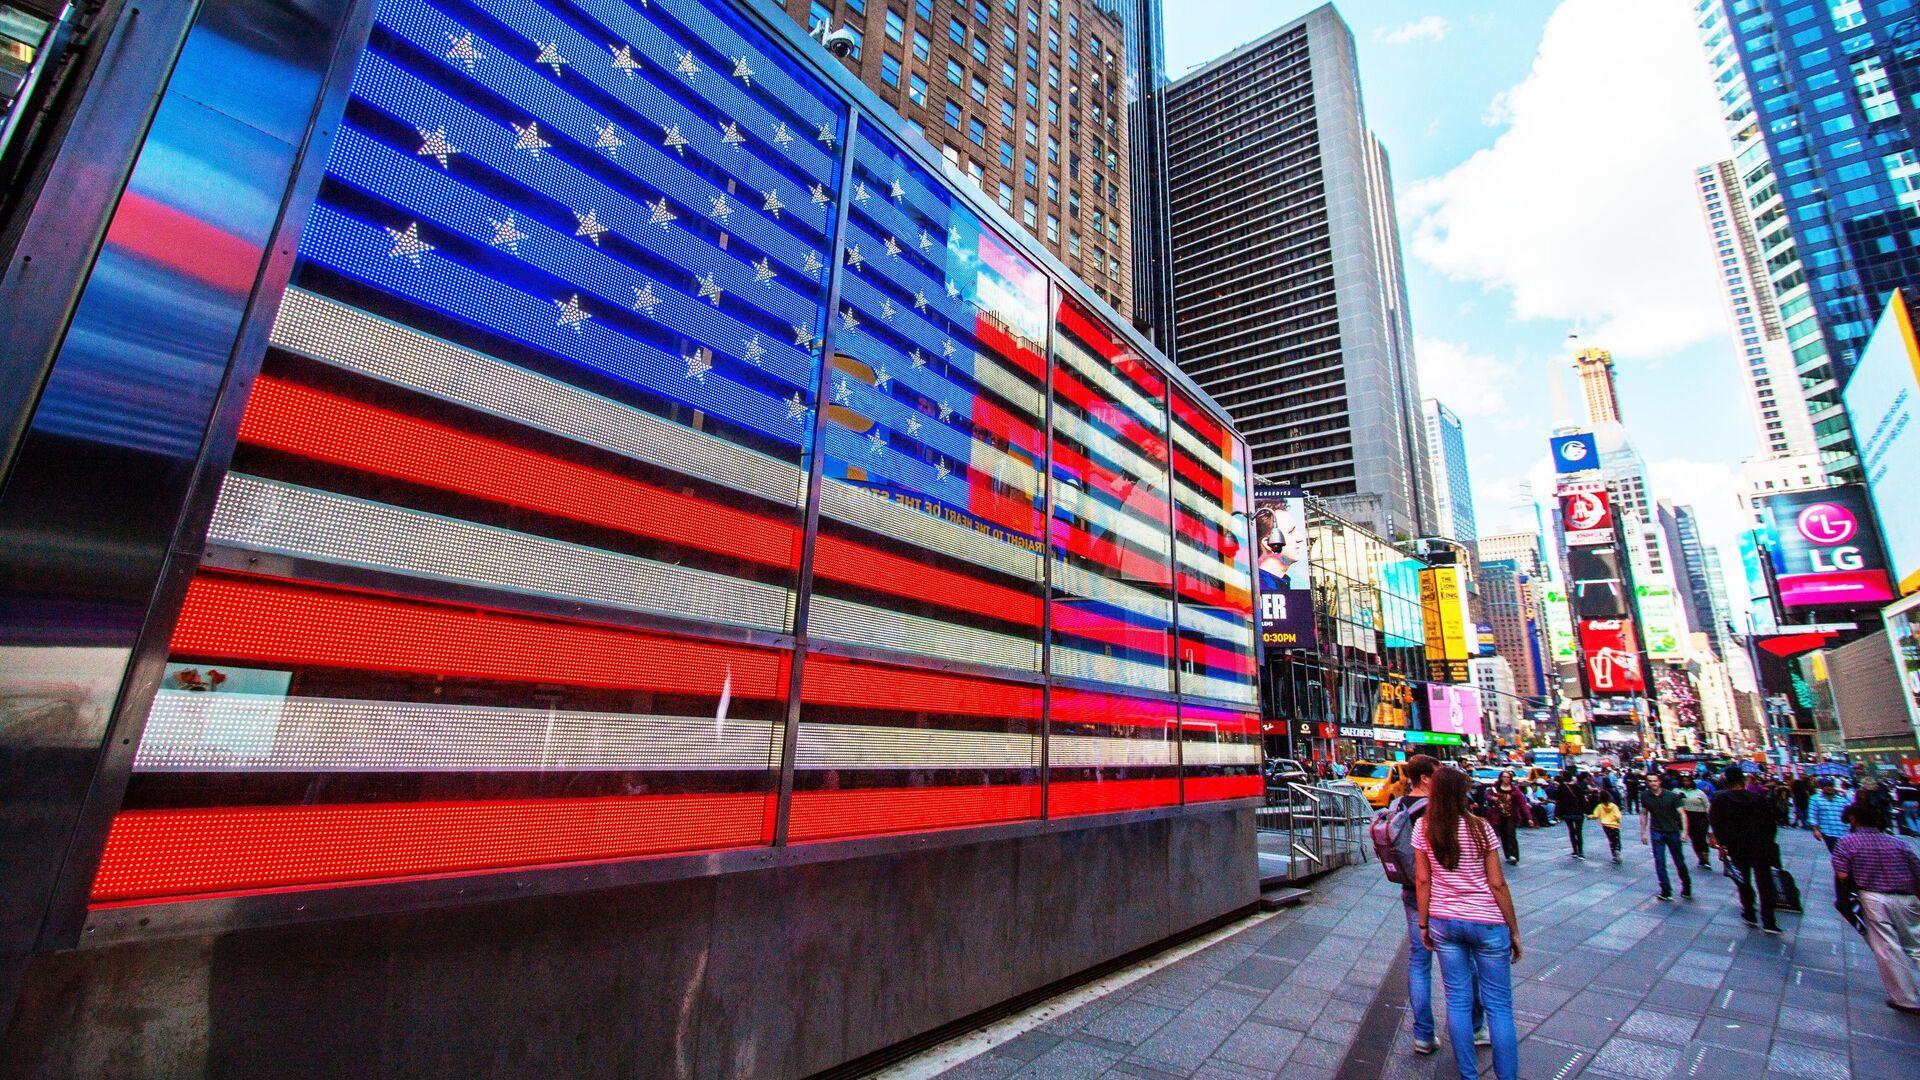 Прохожие на площади Таймс-сквер в Нью-Йорке, США - РИА Новости, 1920, 22.03.2021